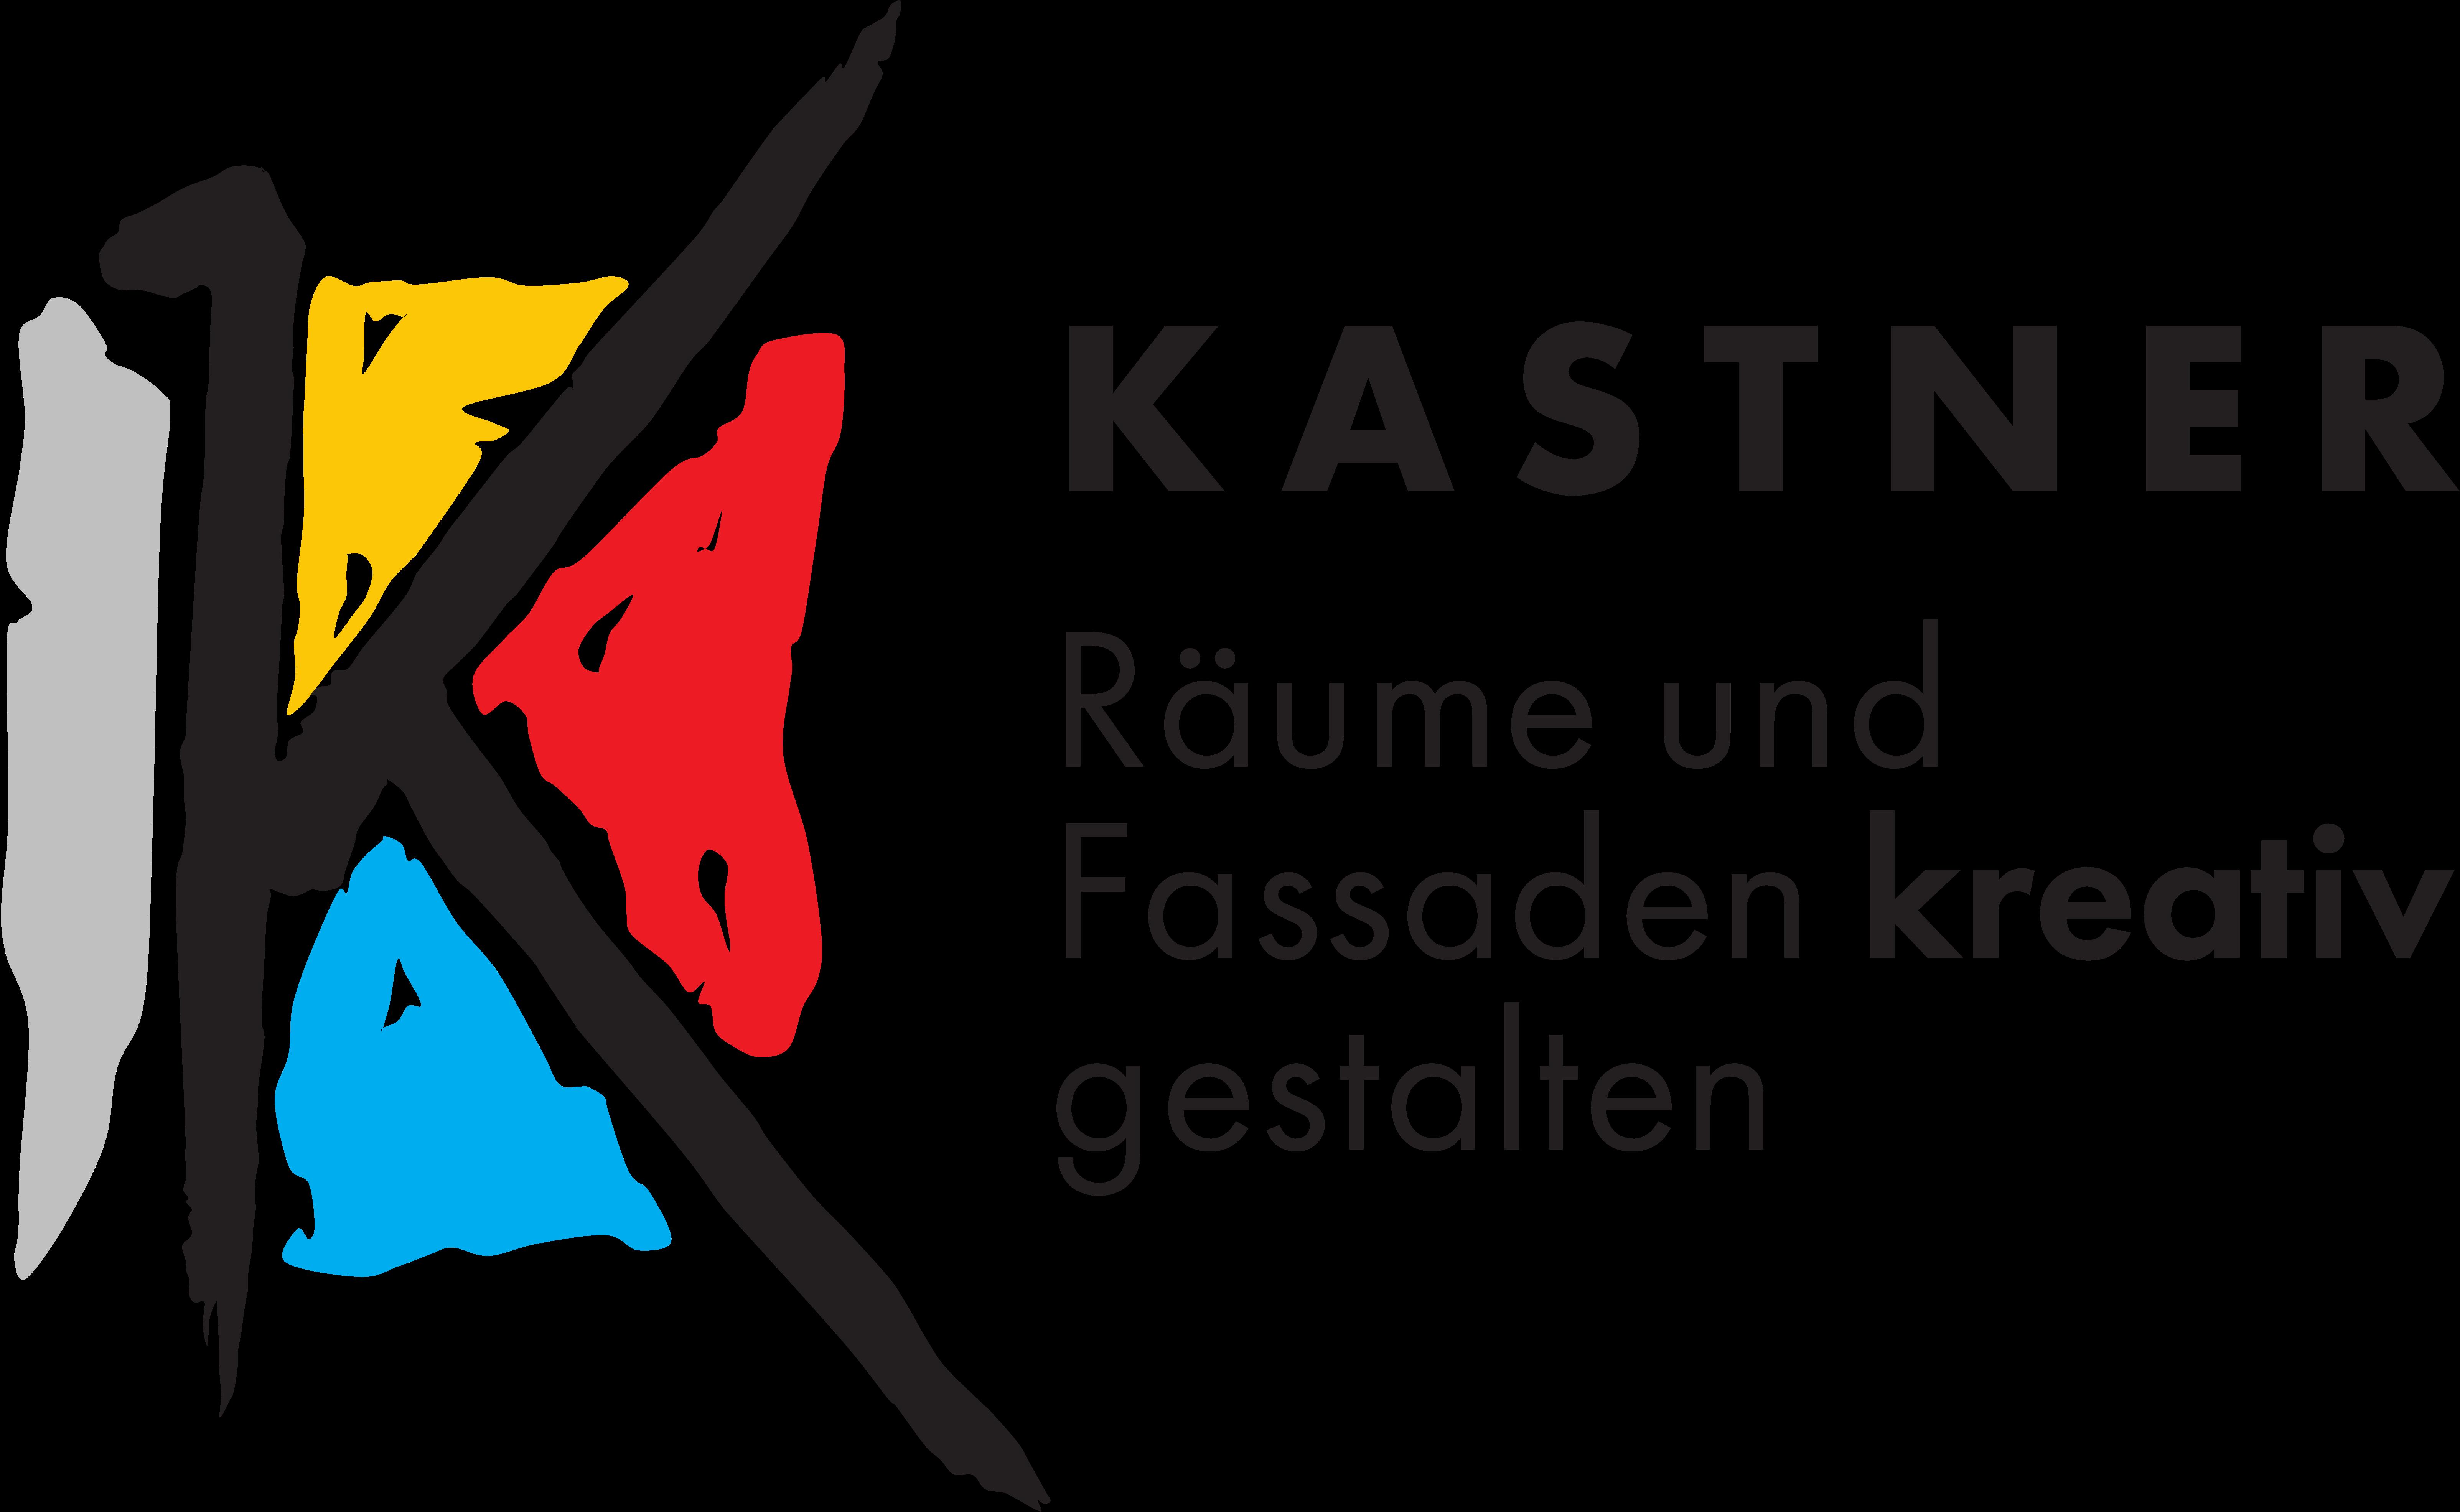 Kastner-Logo